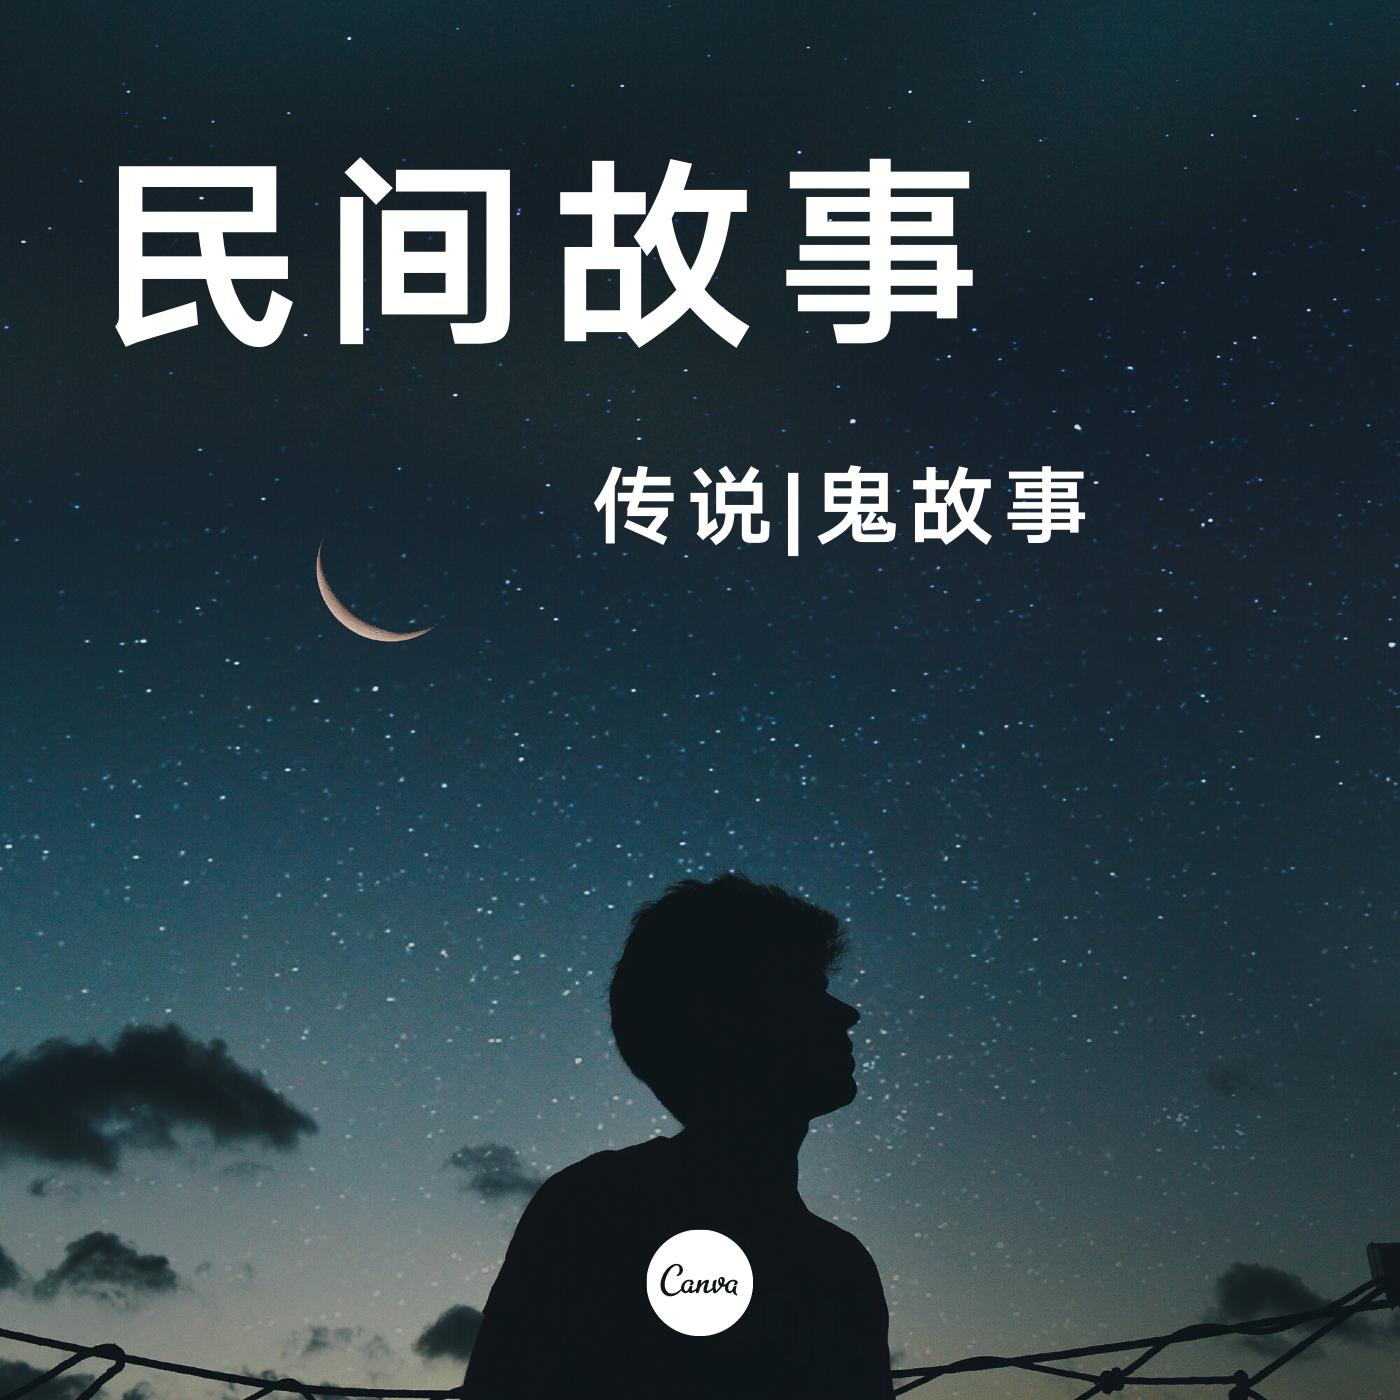 民间传说|鬼故事